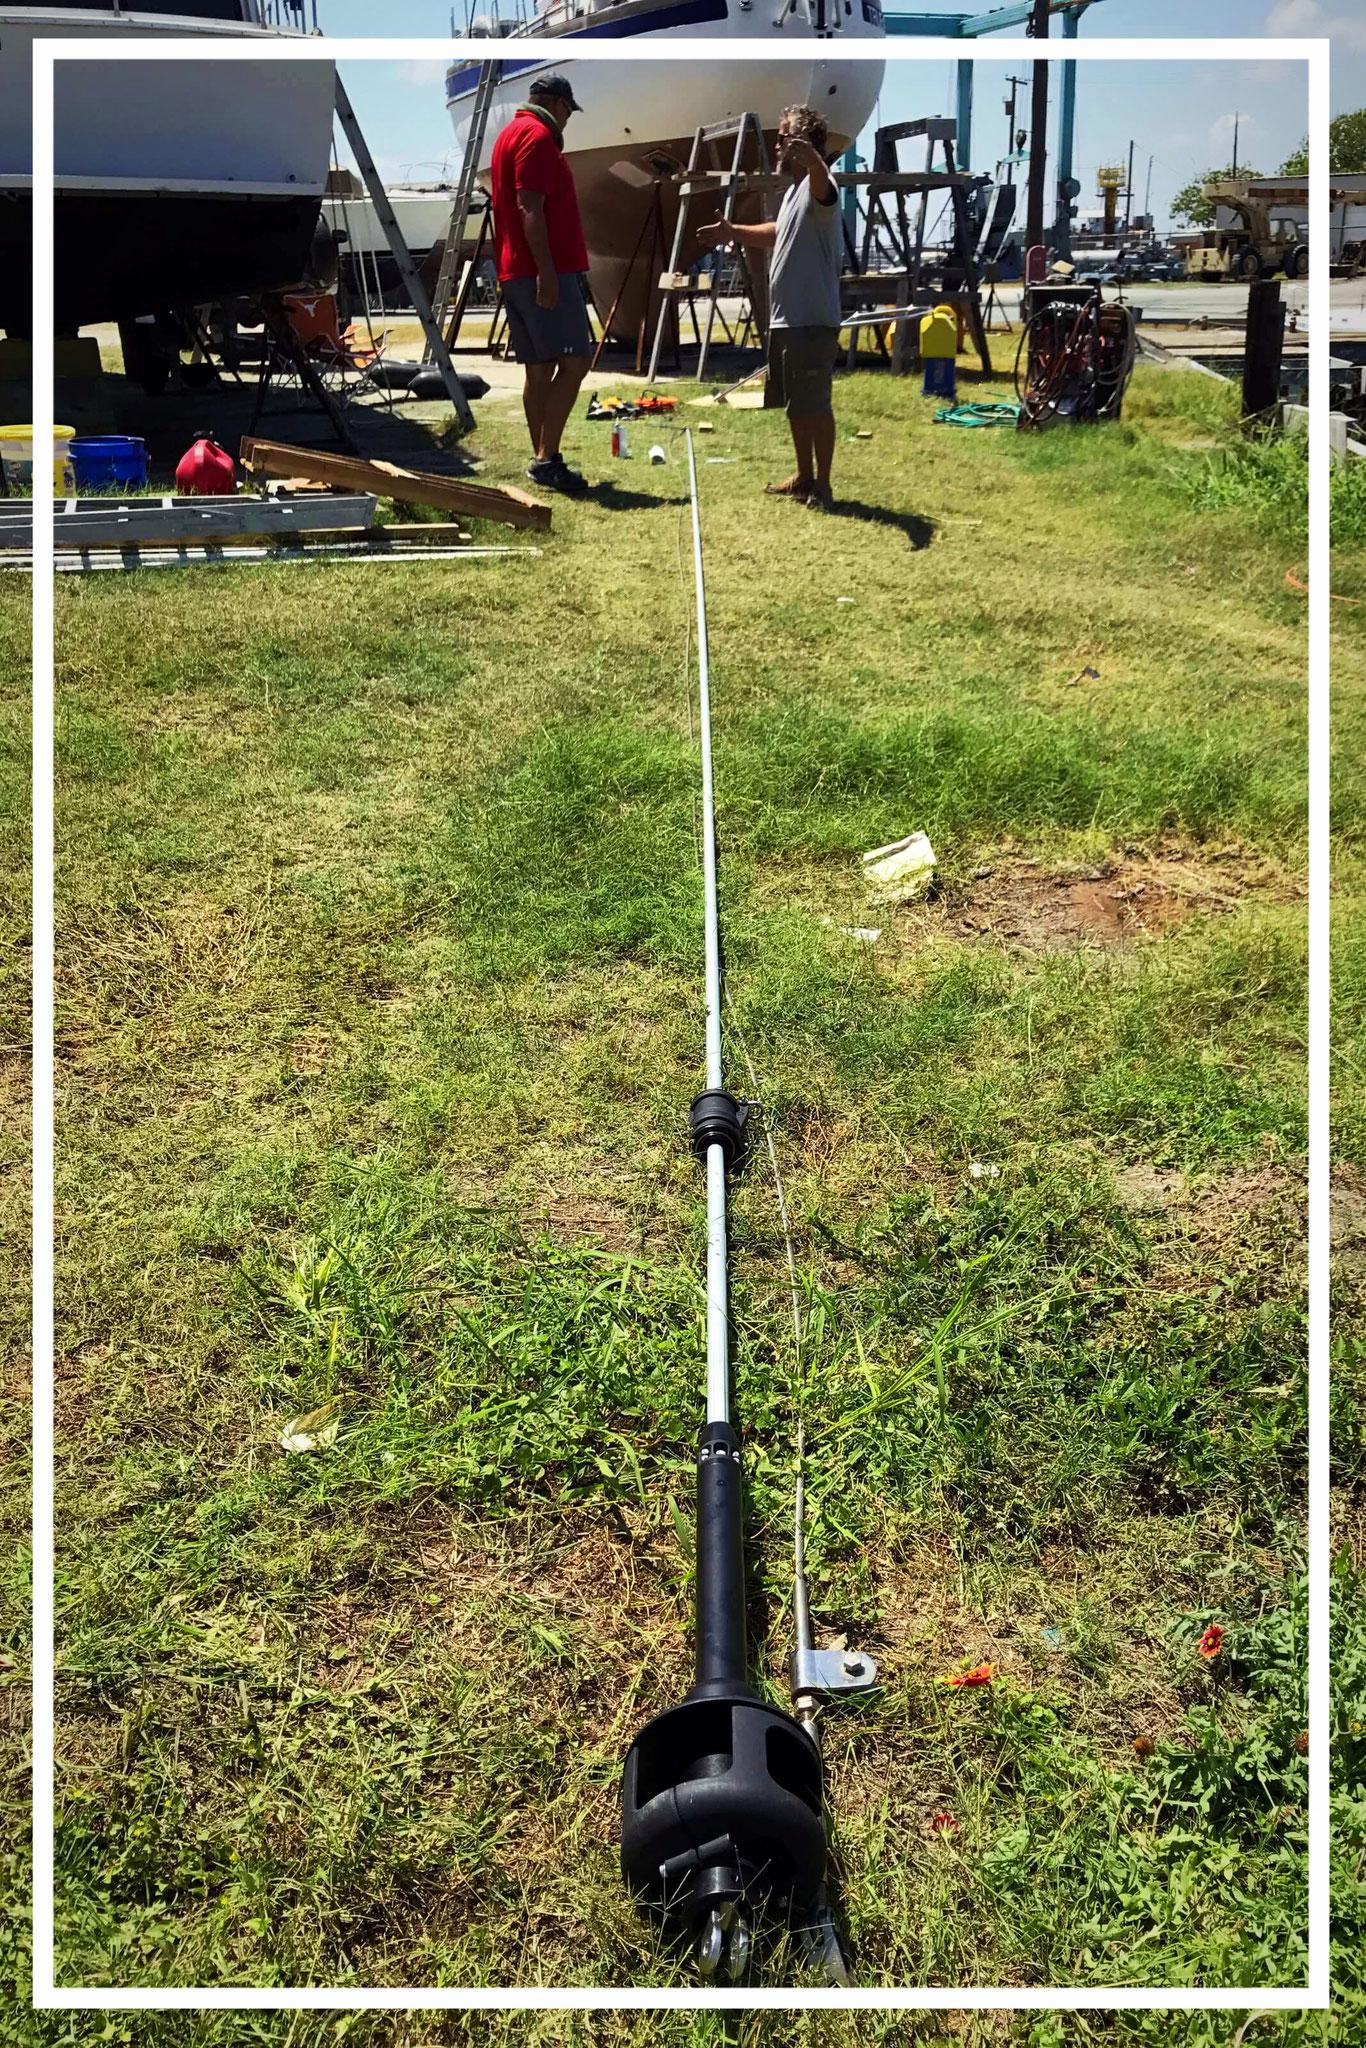 Rollreff - Zum Aufrollen und zum Positionhalten eines Segels